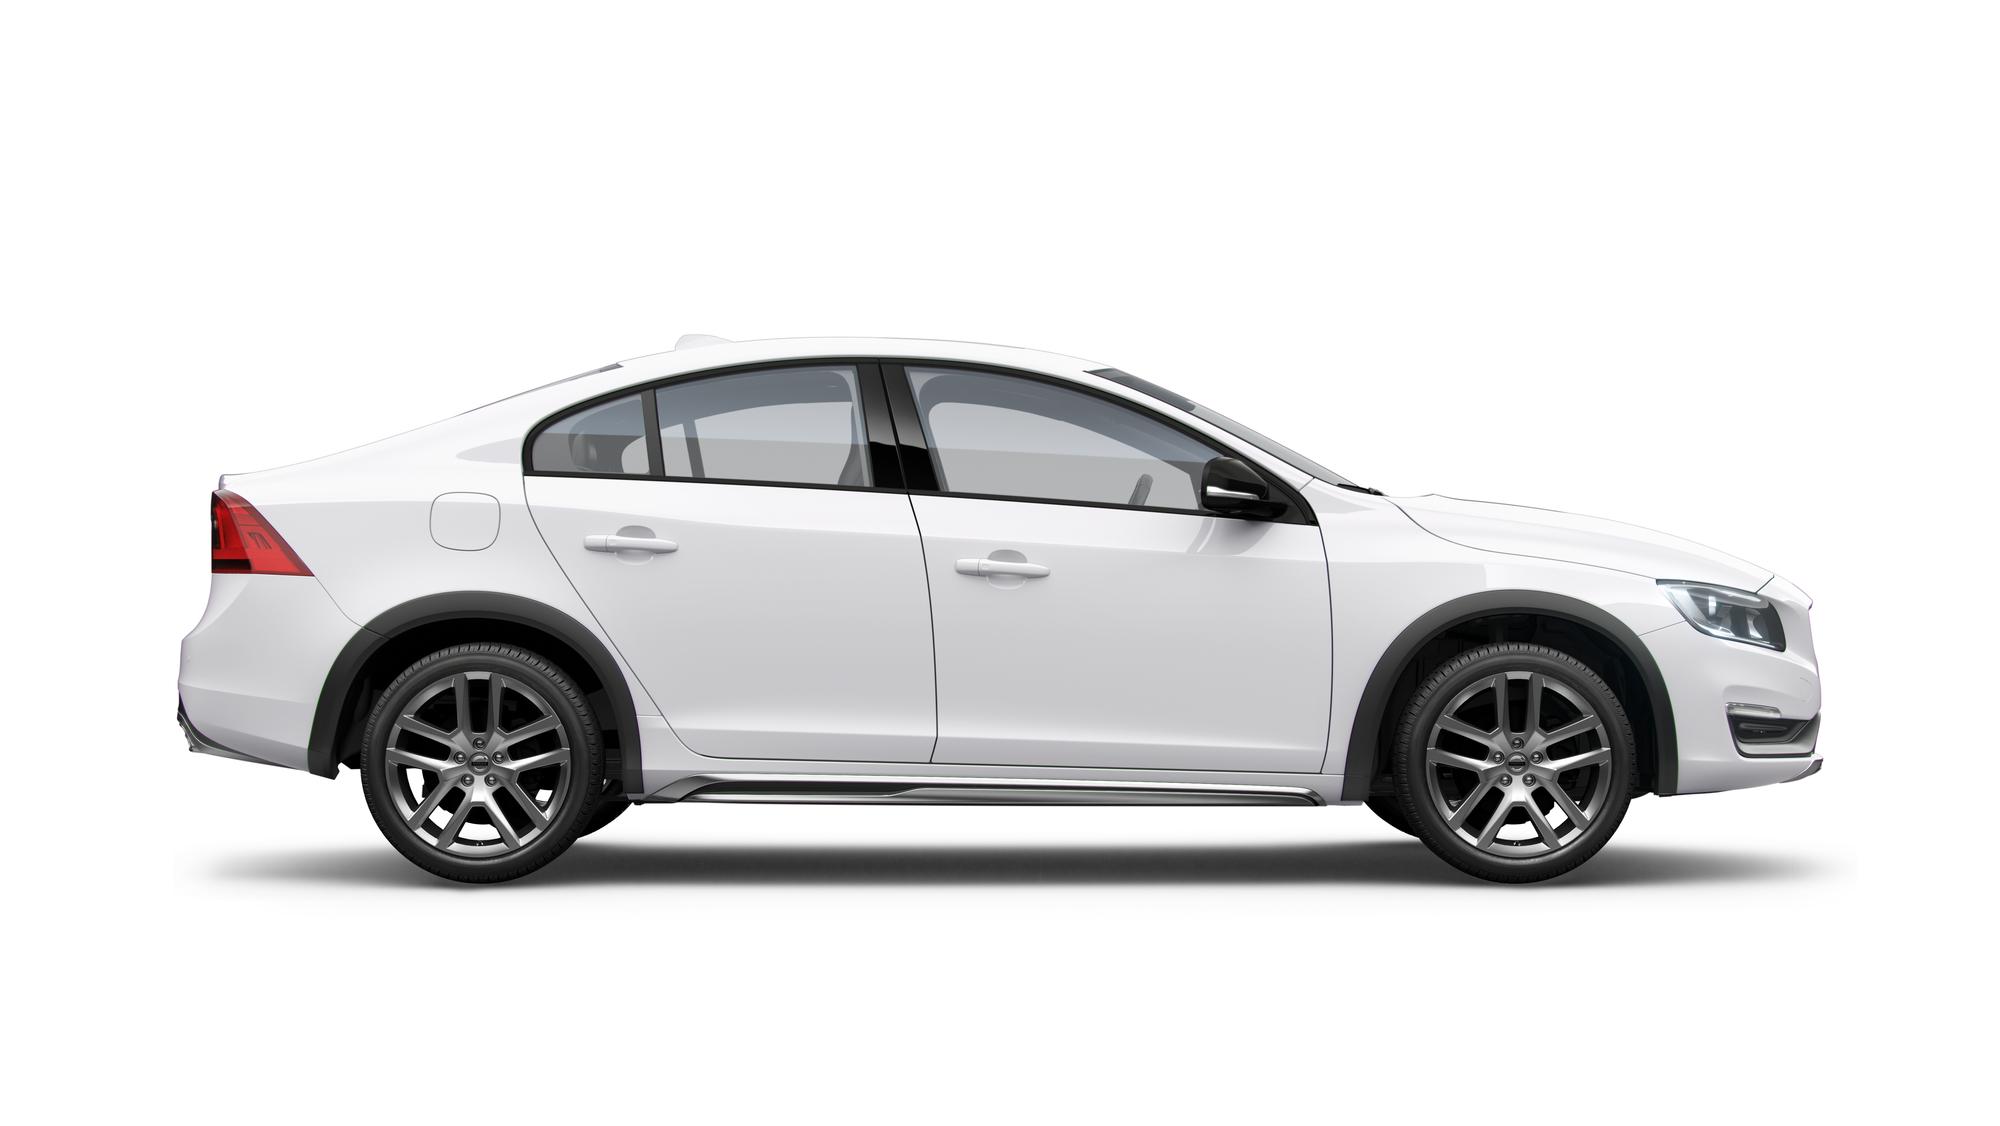 Volvo s60 savile grey metallic images - S60_cc_614_ice_white